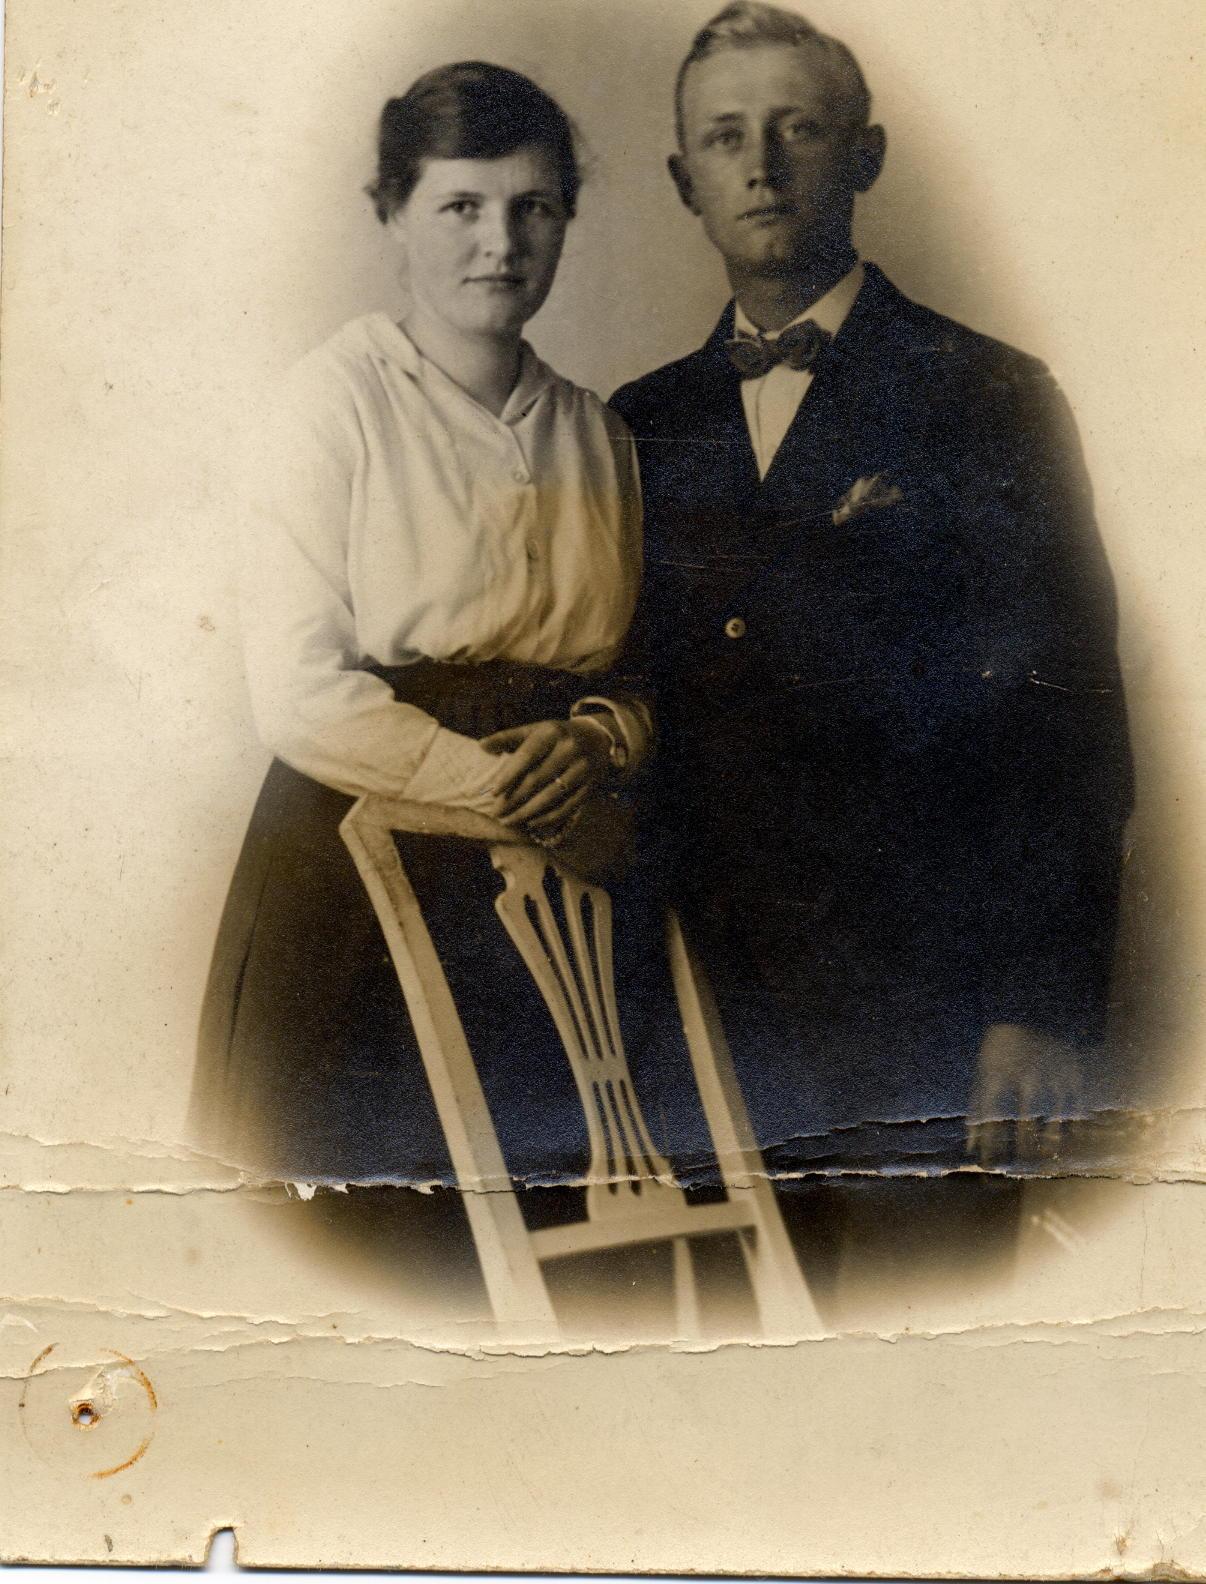 Geertruida Kuus (1901-1986), Lammert Jan Hofstede (1901-1992)